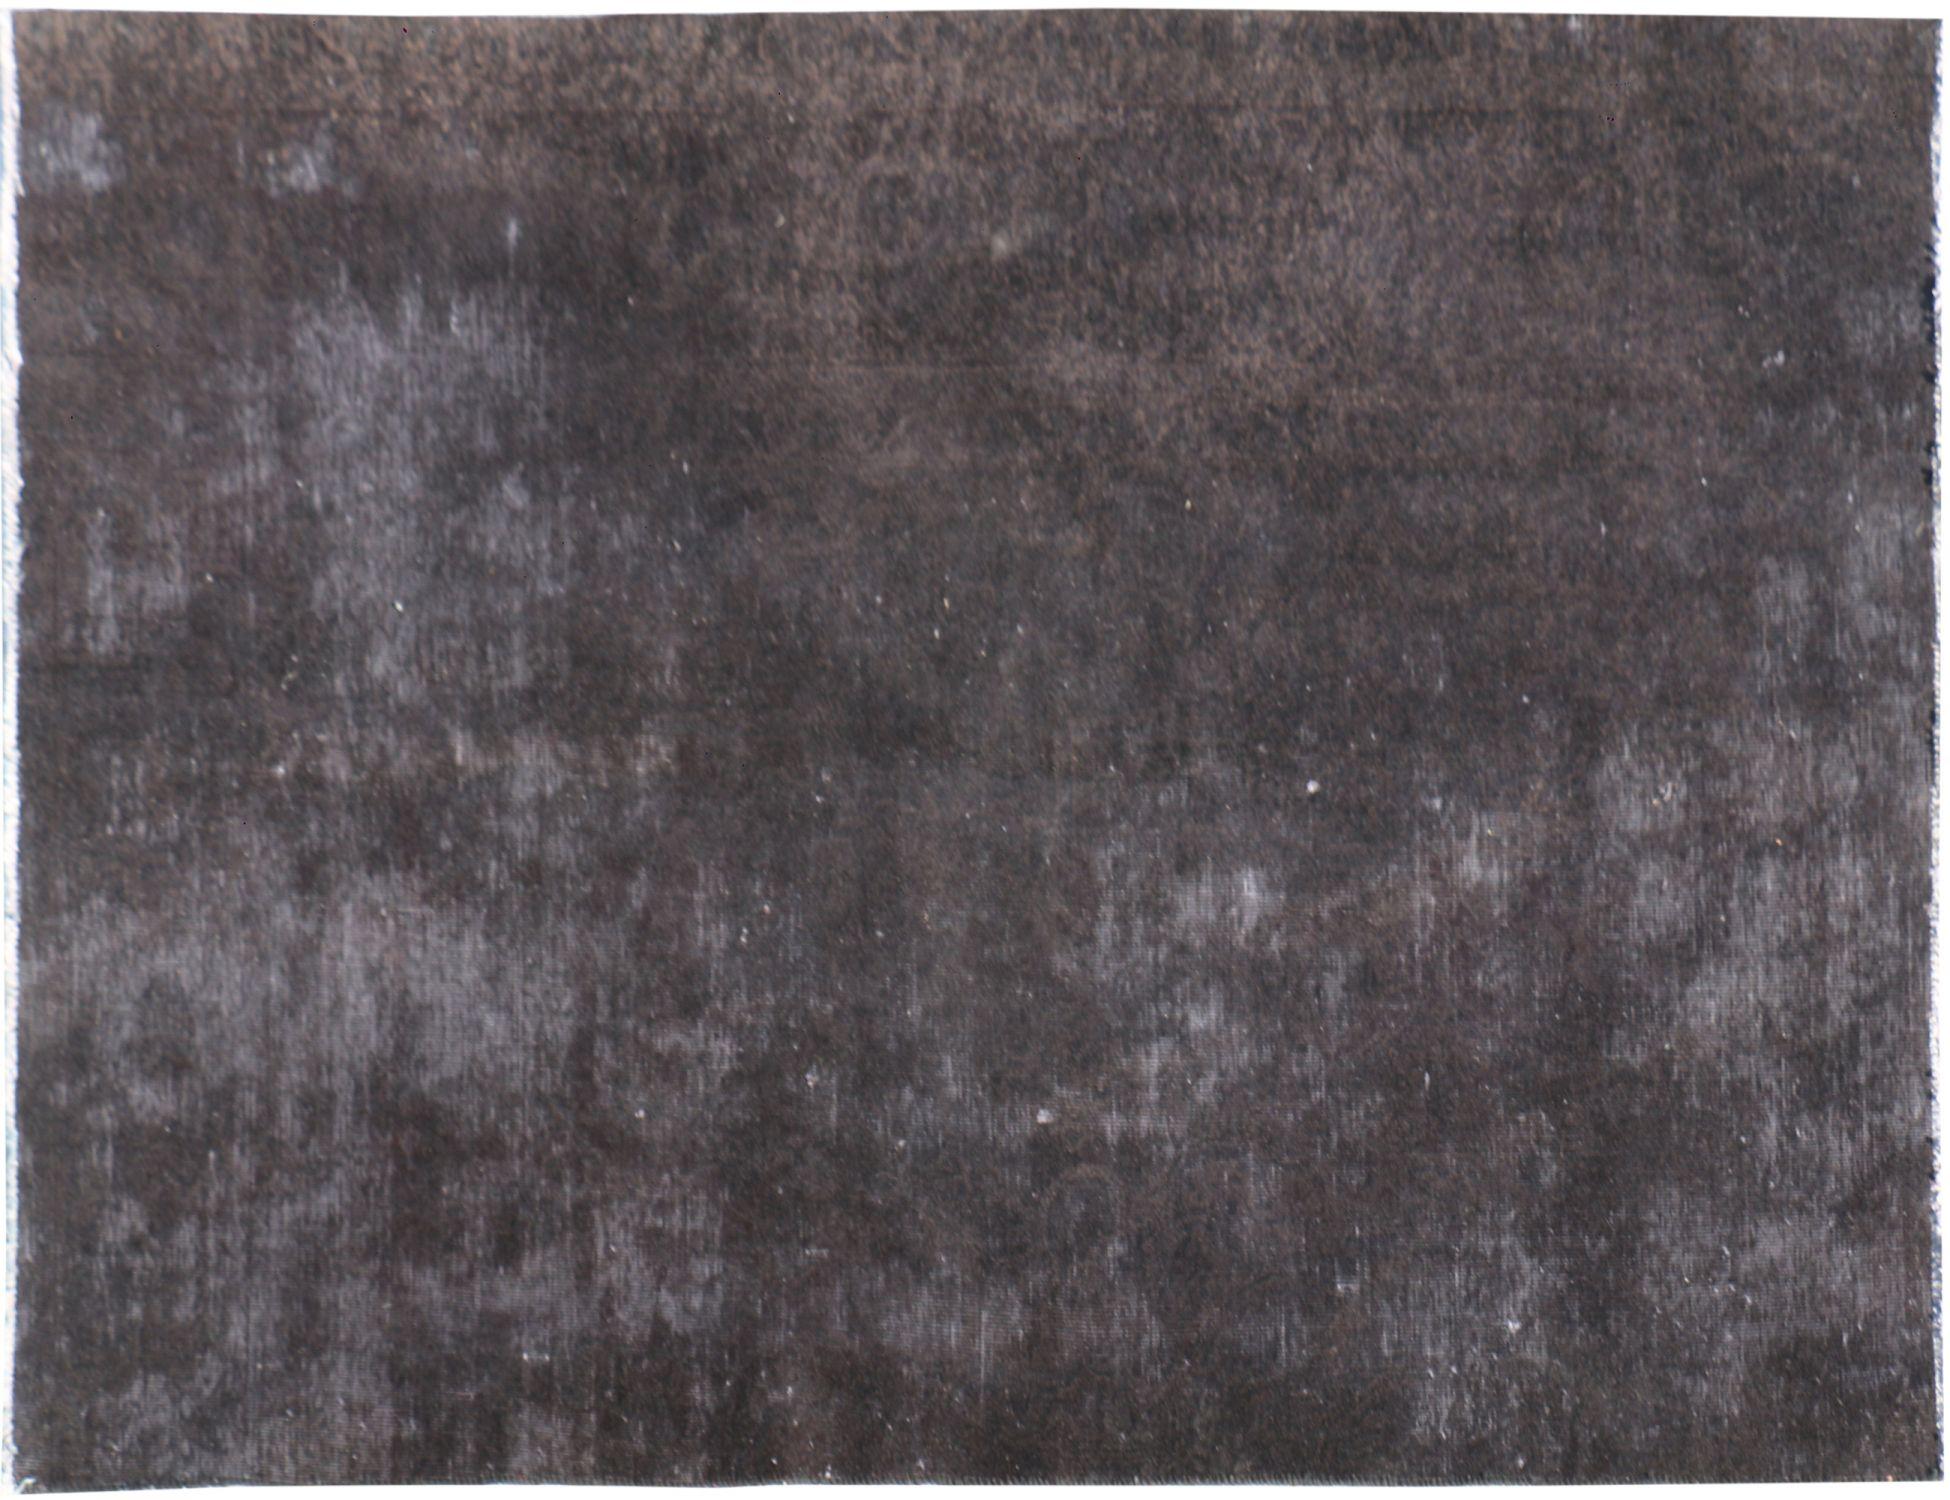 Persischer Vintage Teppich  schwarz <br/>228 x 134 cm